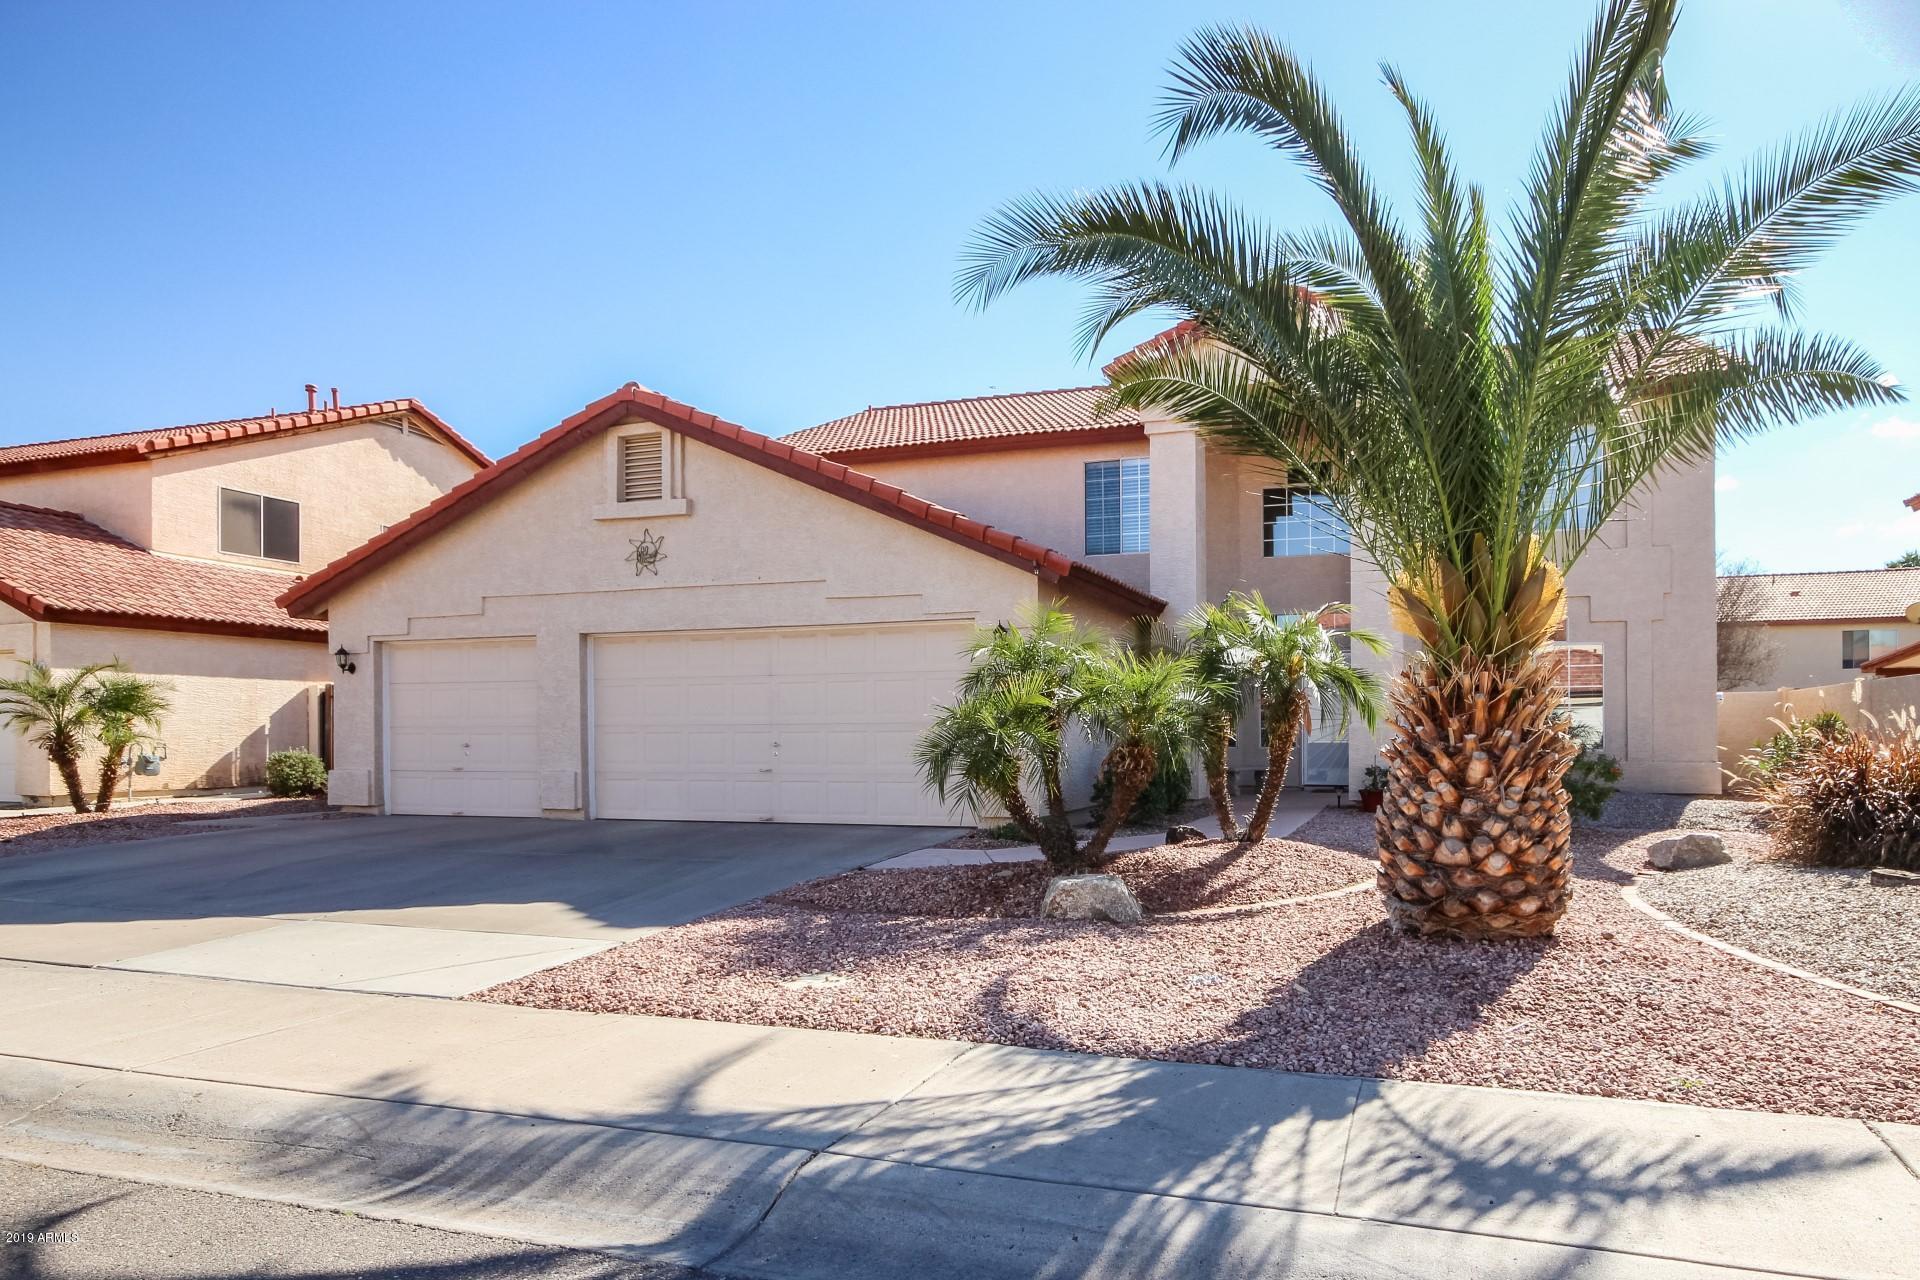 MLS 5877790 11347 W PRIMROSE Drive, Avondale, AZ 85392 Avondale AZ Private Pool